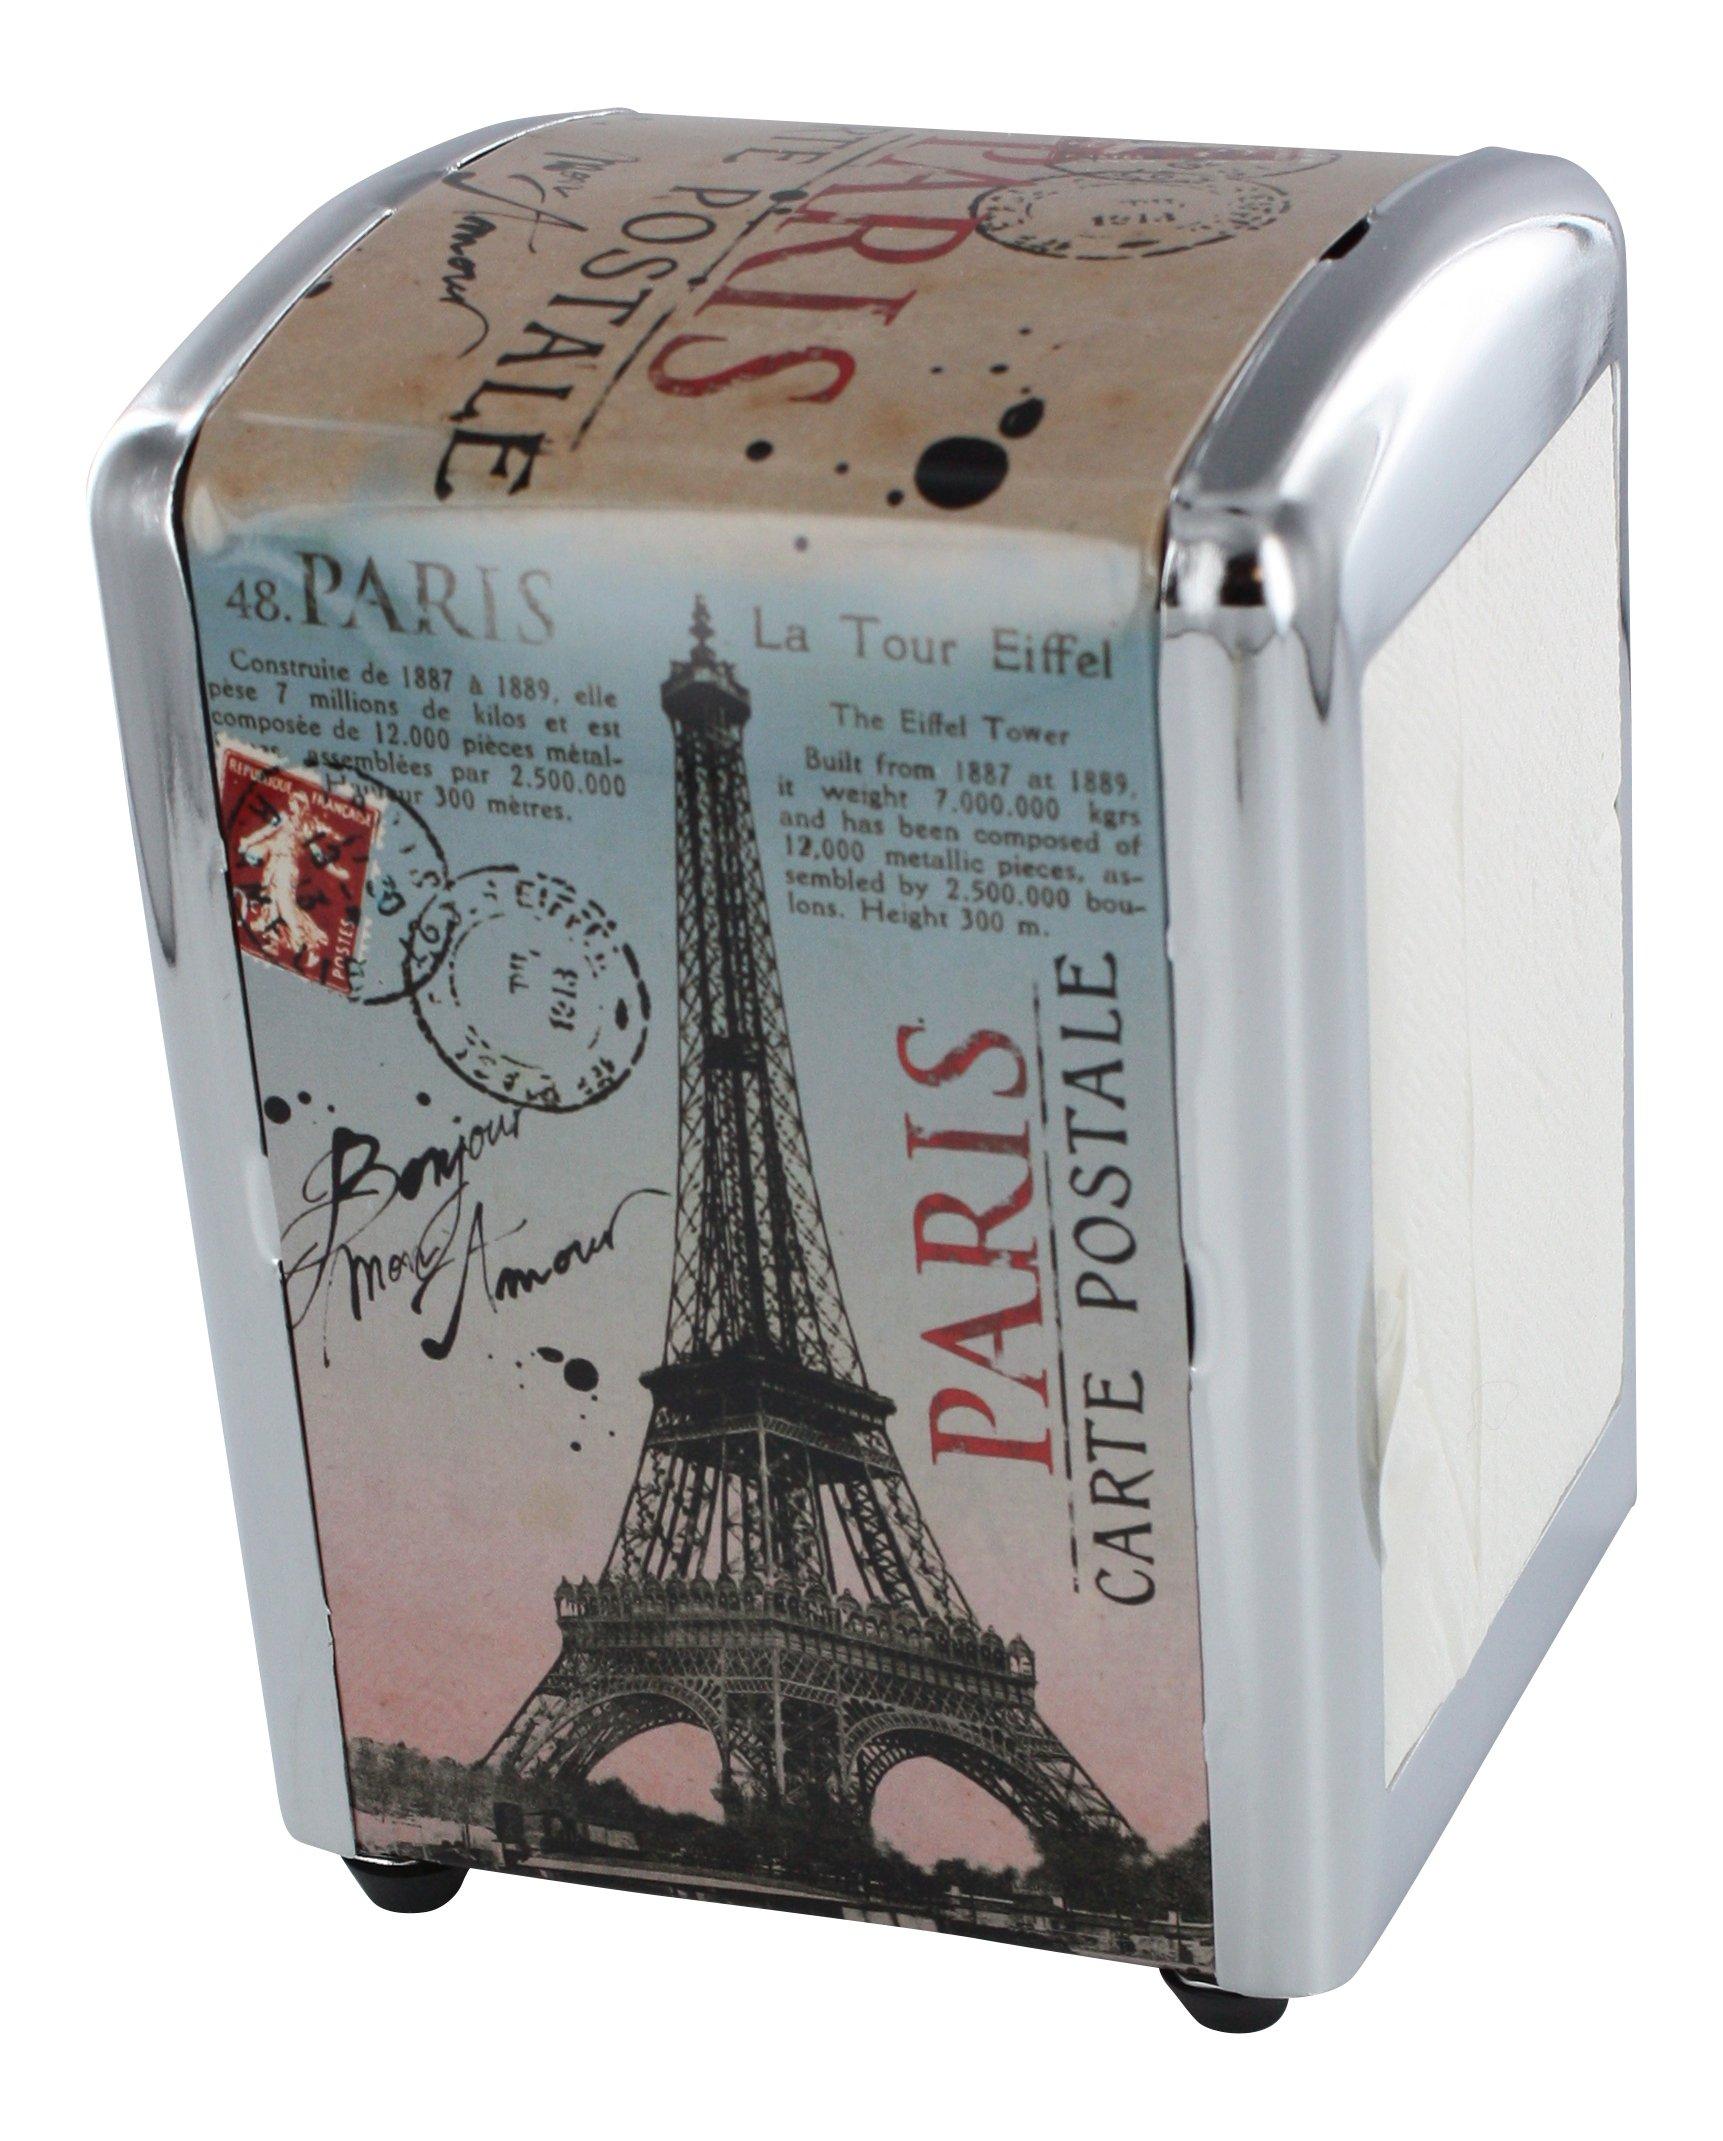 Napkin Dispenser, French vintage design ''Paris Carte postale'' - Diner Style - H 6'' X L 4'' X W 4'' - Plus a Refill Bag